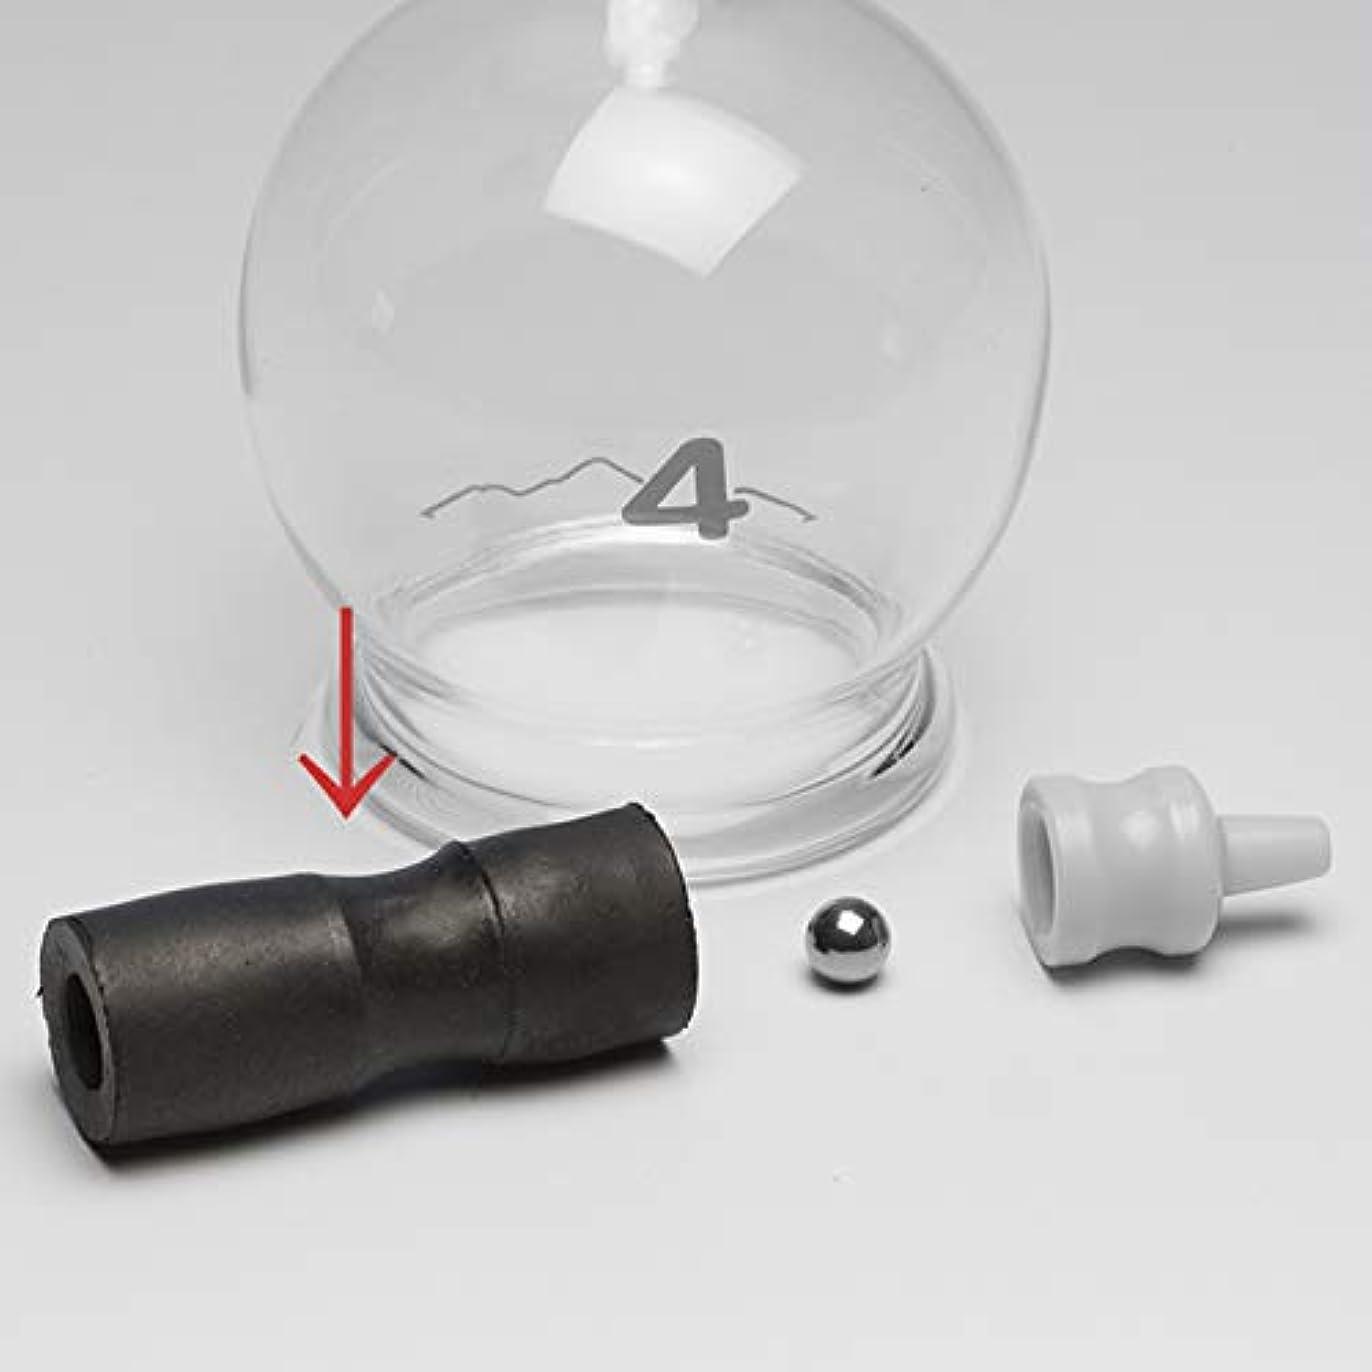 教授銀行霧島ガラス玉(電動吸い玉機器用吸着具)用黒ゴム弁(ゴムのみ)|吸灸